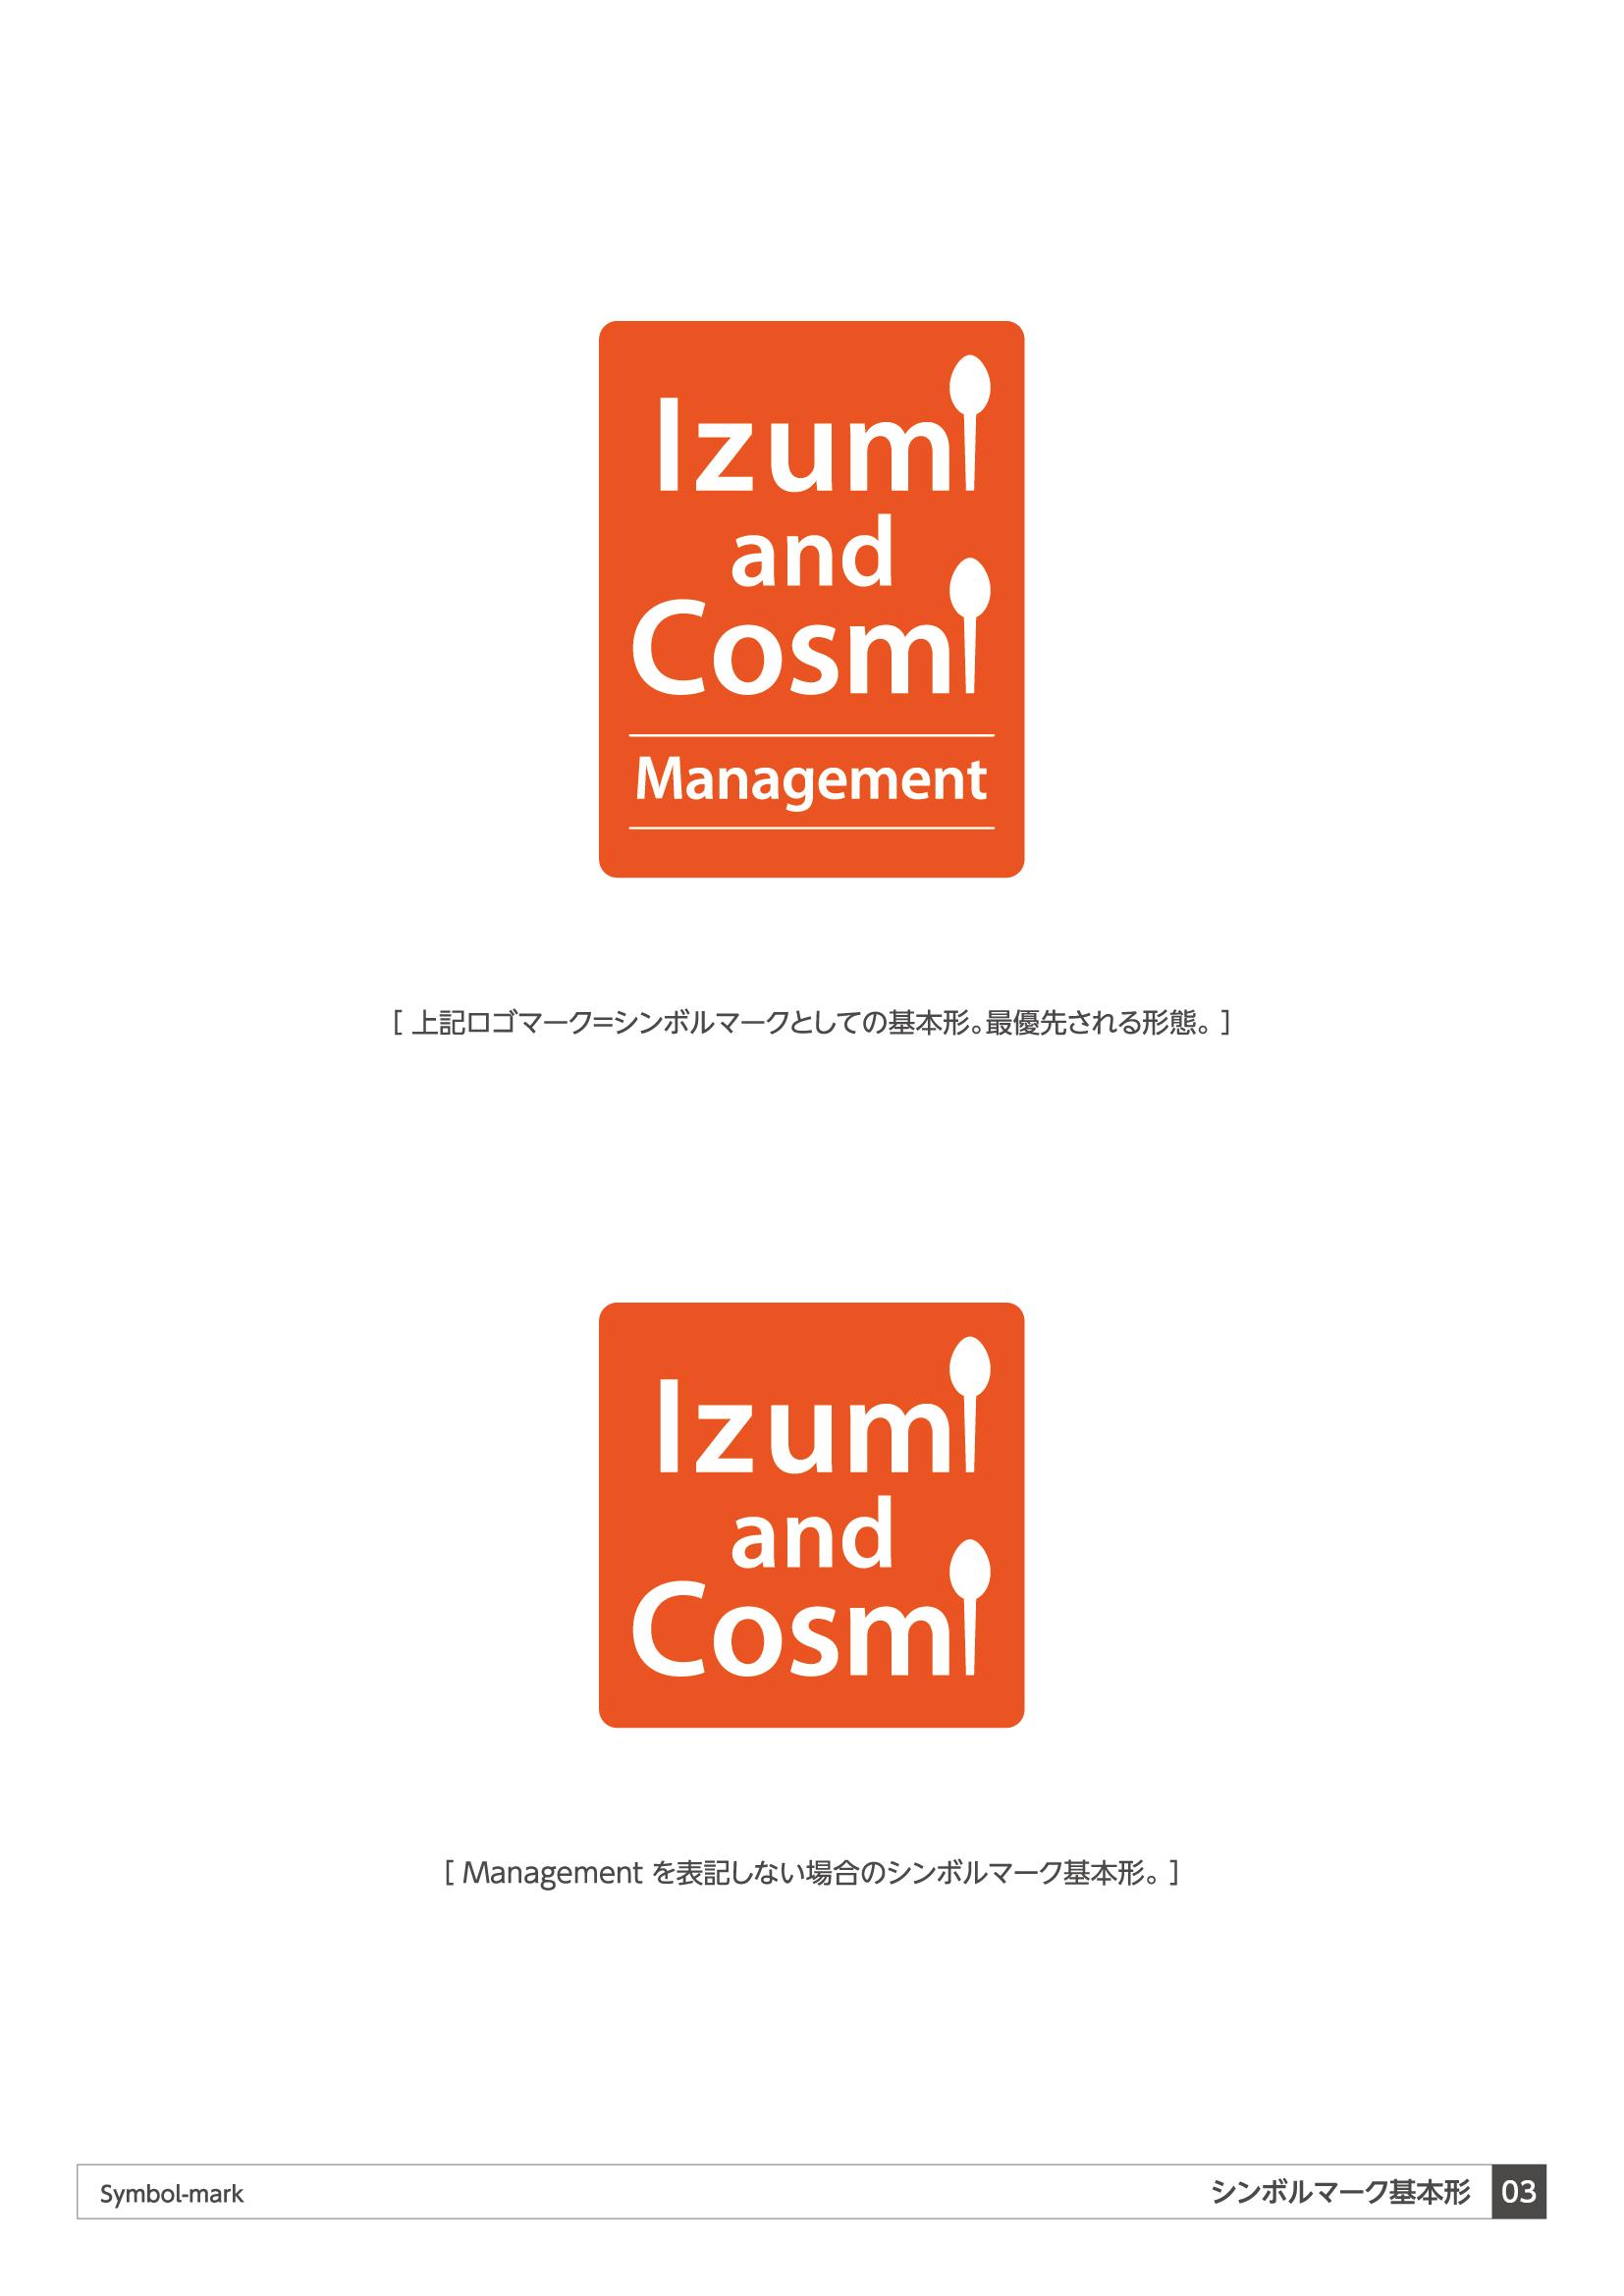 カレー販売 ロゴデザイン ビジュアルアイデンティティー5